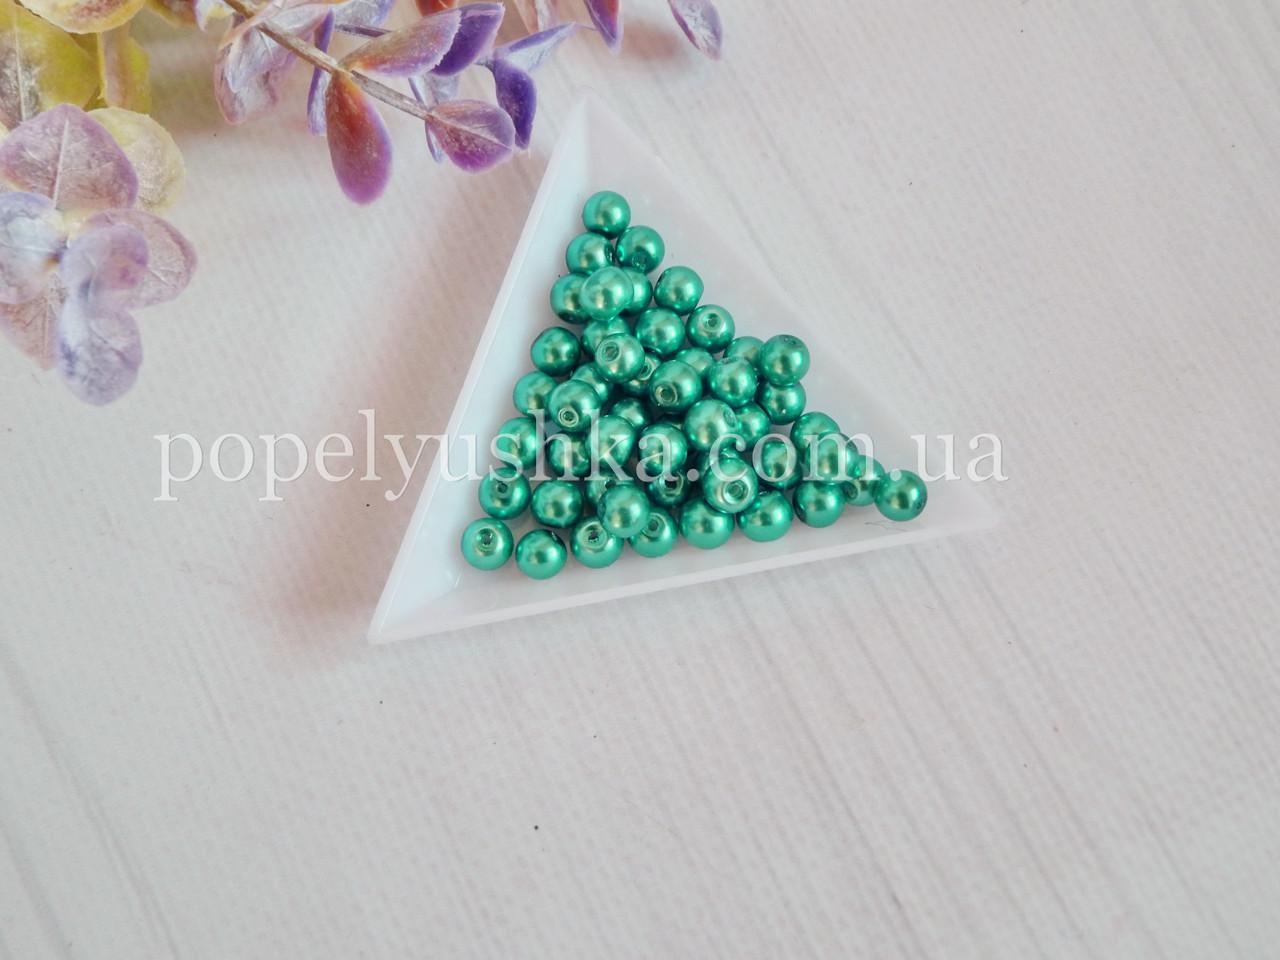 Жемчужины стеклянные 4 мм бирюза (50 шт.)